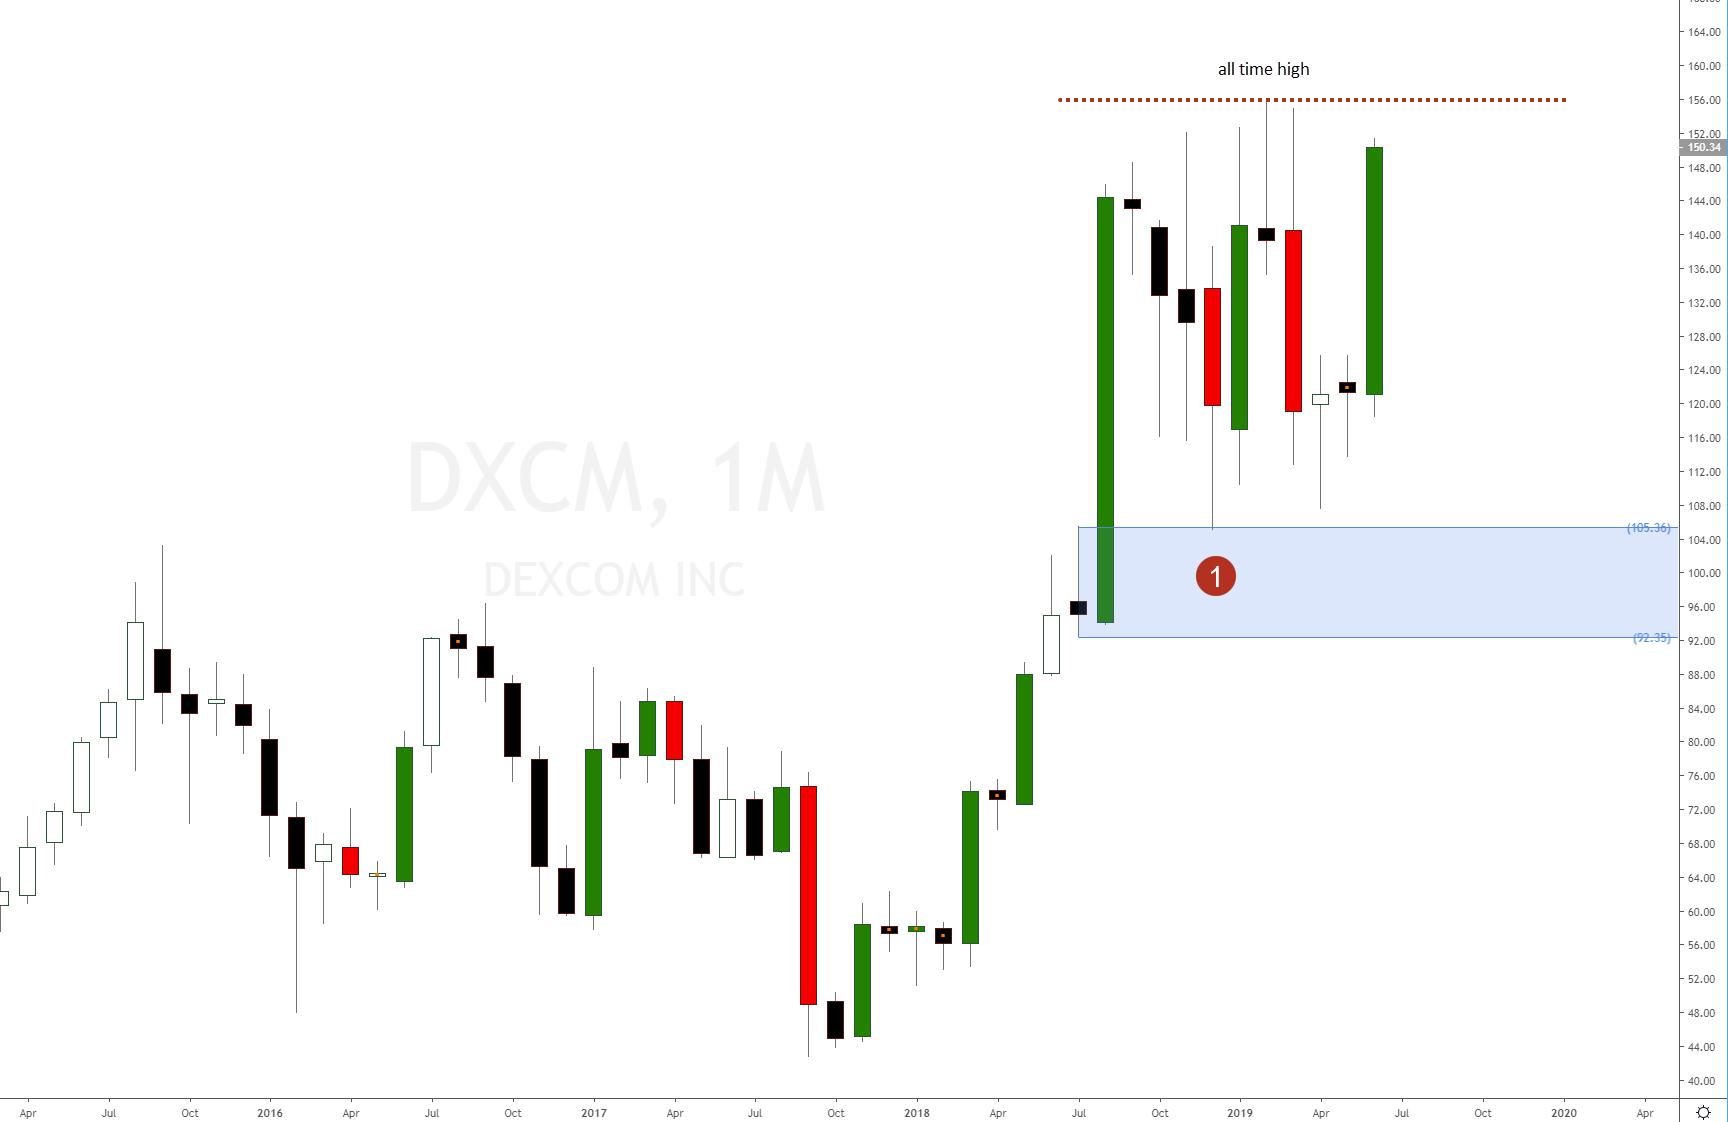 Dexcom to buy now at demand level